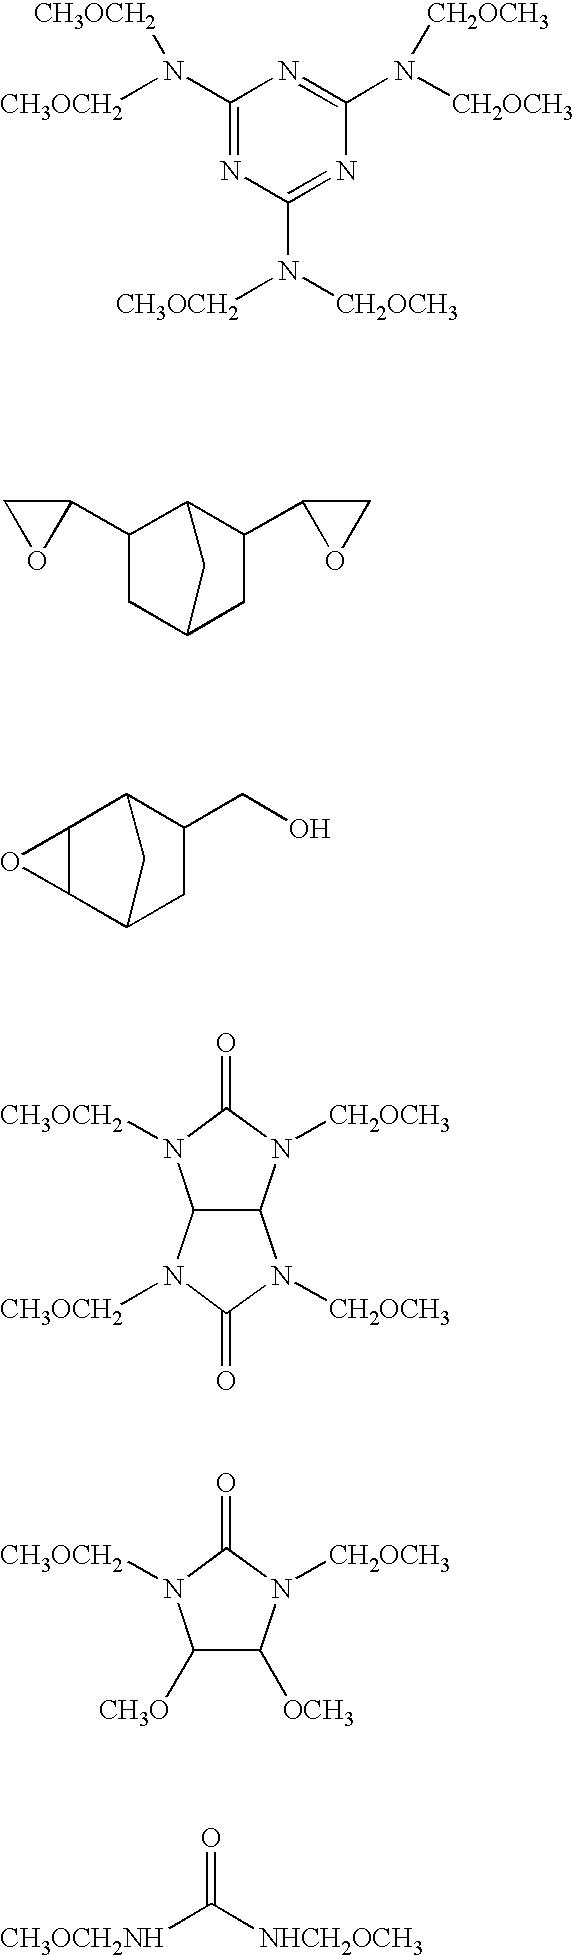 Figure US06455223-20020924-C00052